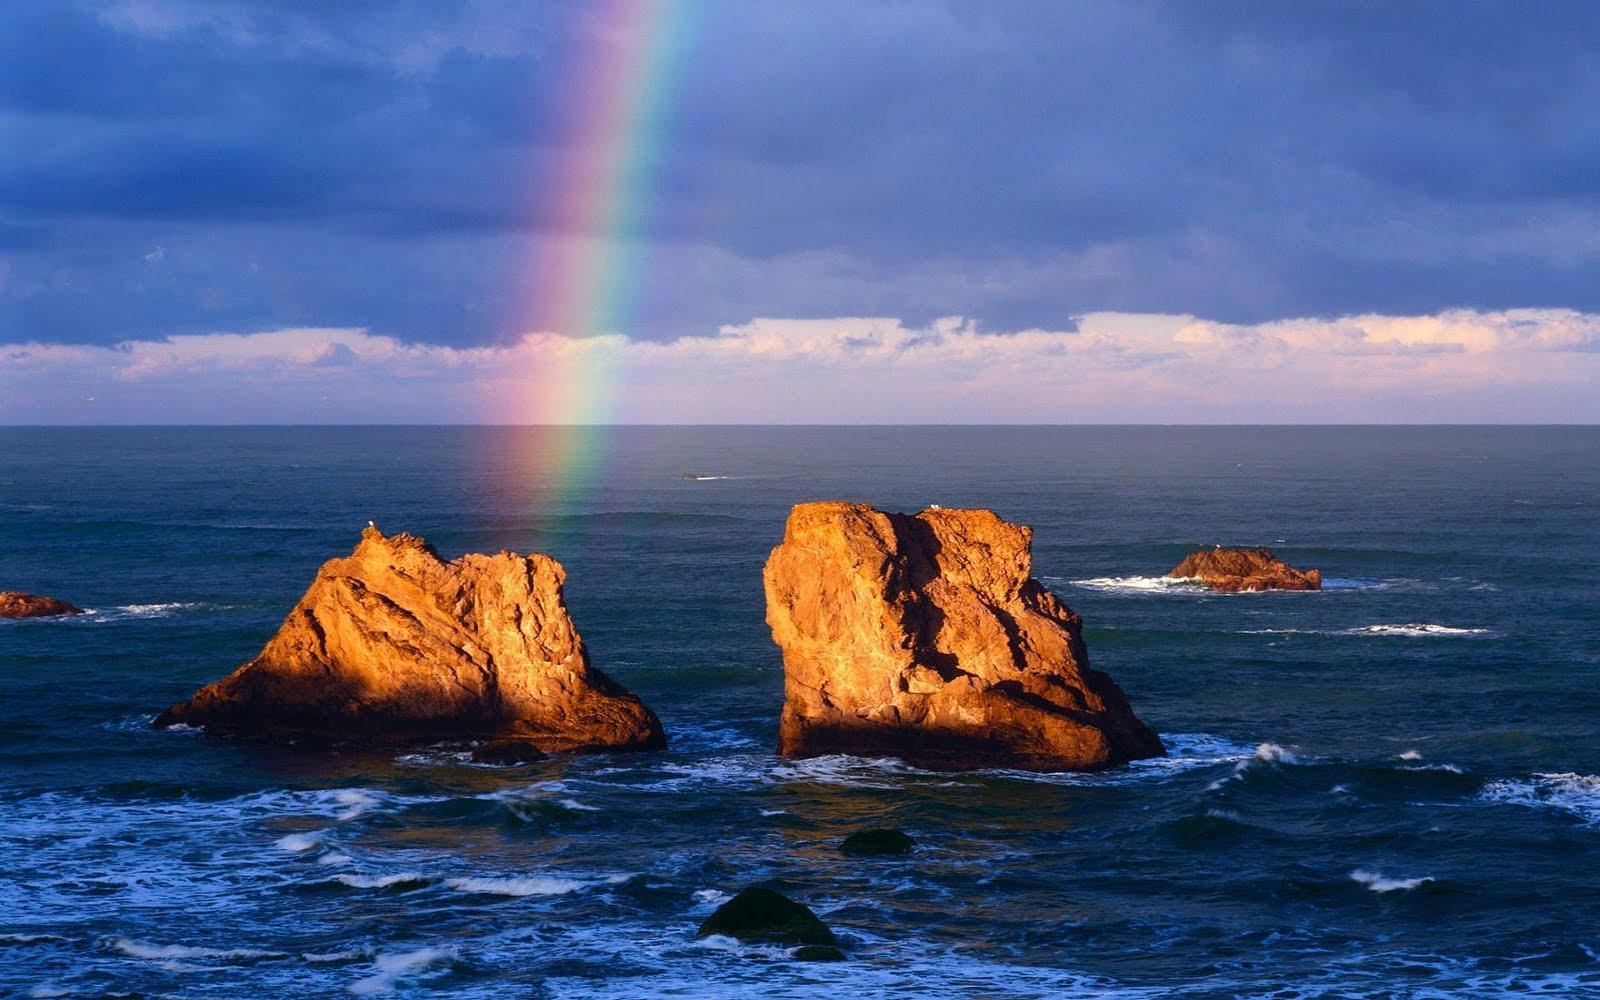 Hd Wallpapers Of S: Regenboog Achtergronden